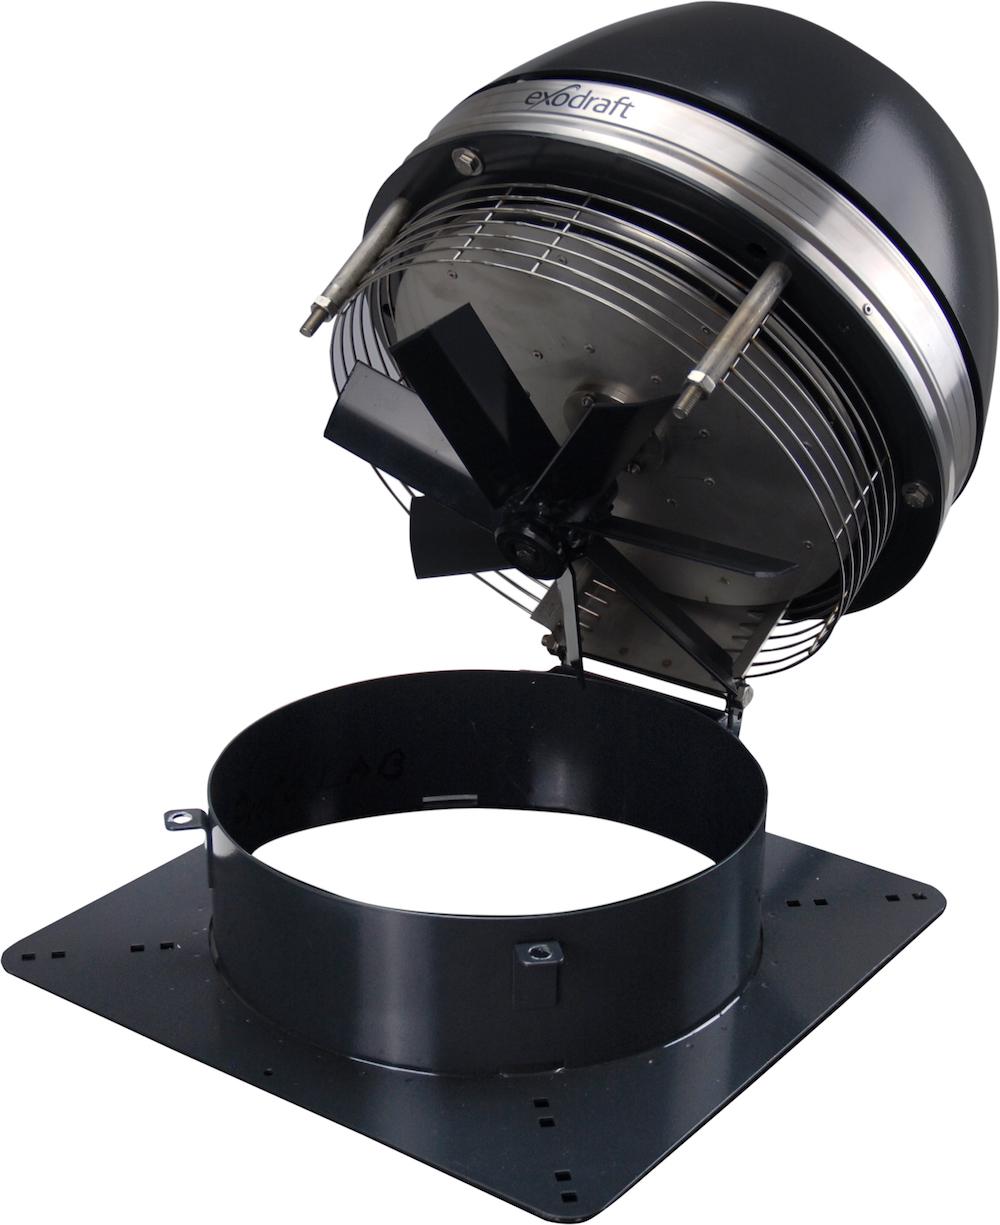 Rookgasventilator om veilig en zonder zorgen de houthaard of gashaard te stoken - via Inatherm